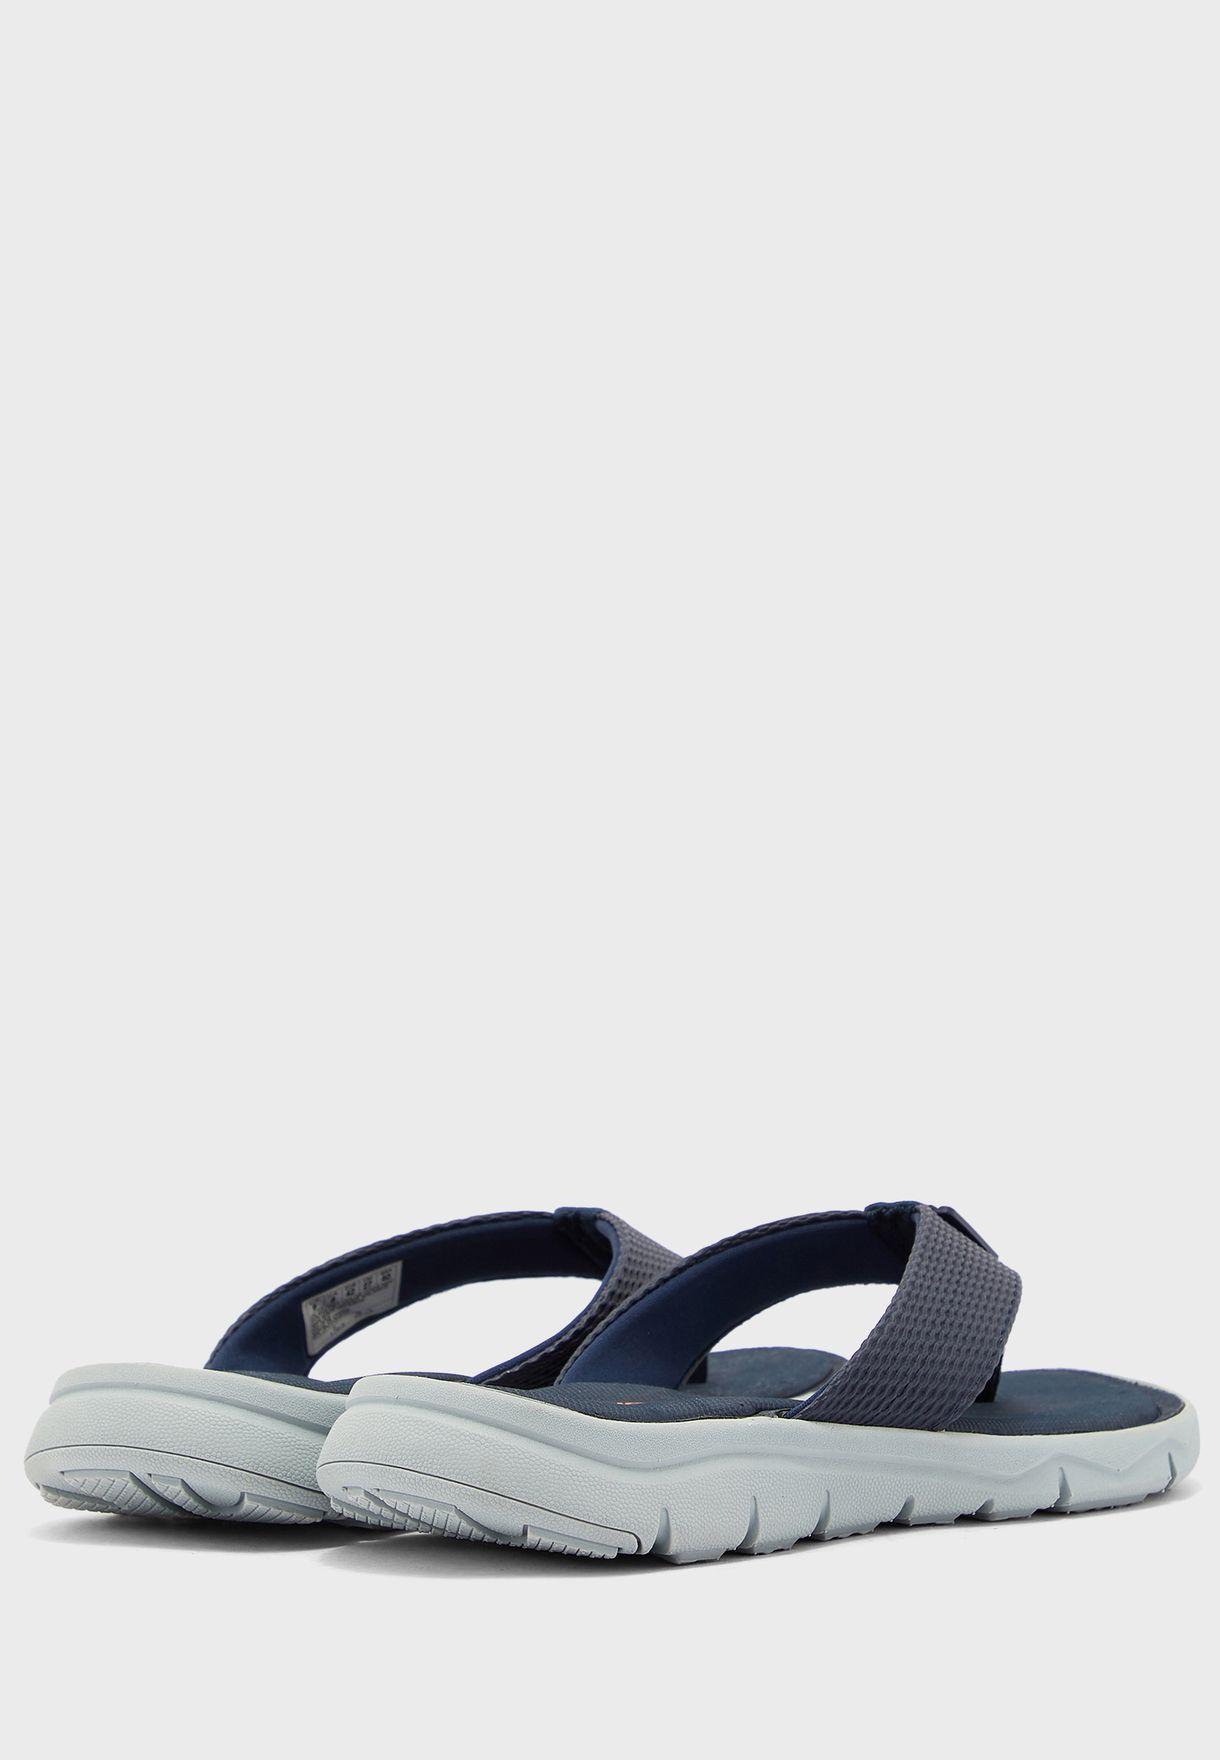 Casual Flip Flops